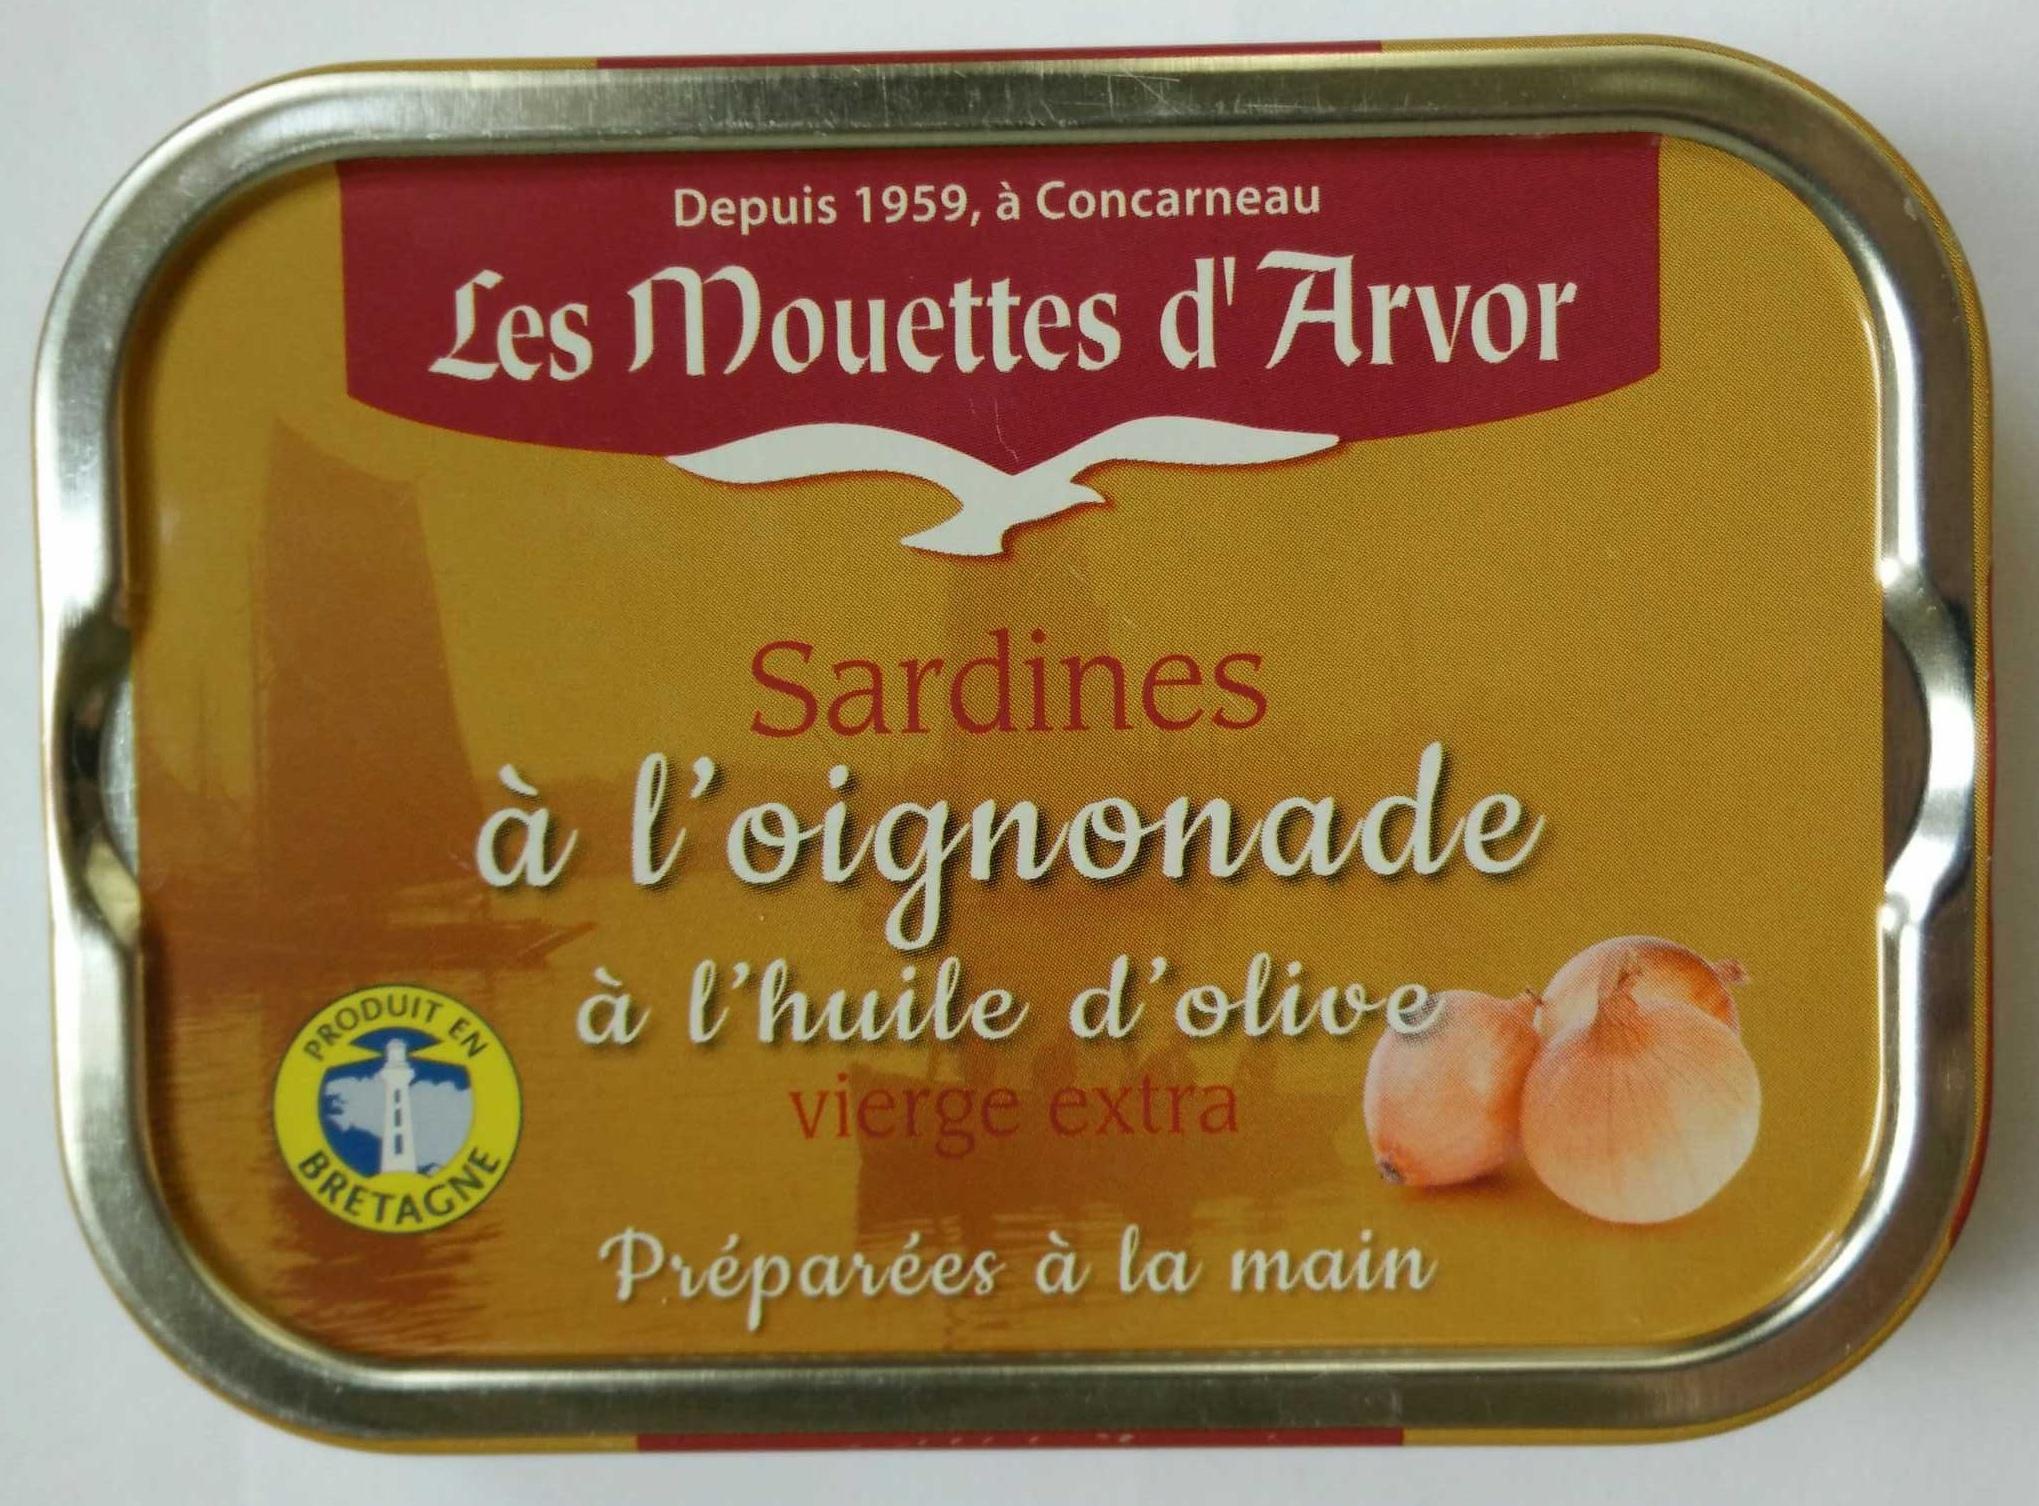 Sardines à l'oignonade à l'huile d'olive vierge extra - Product - fr